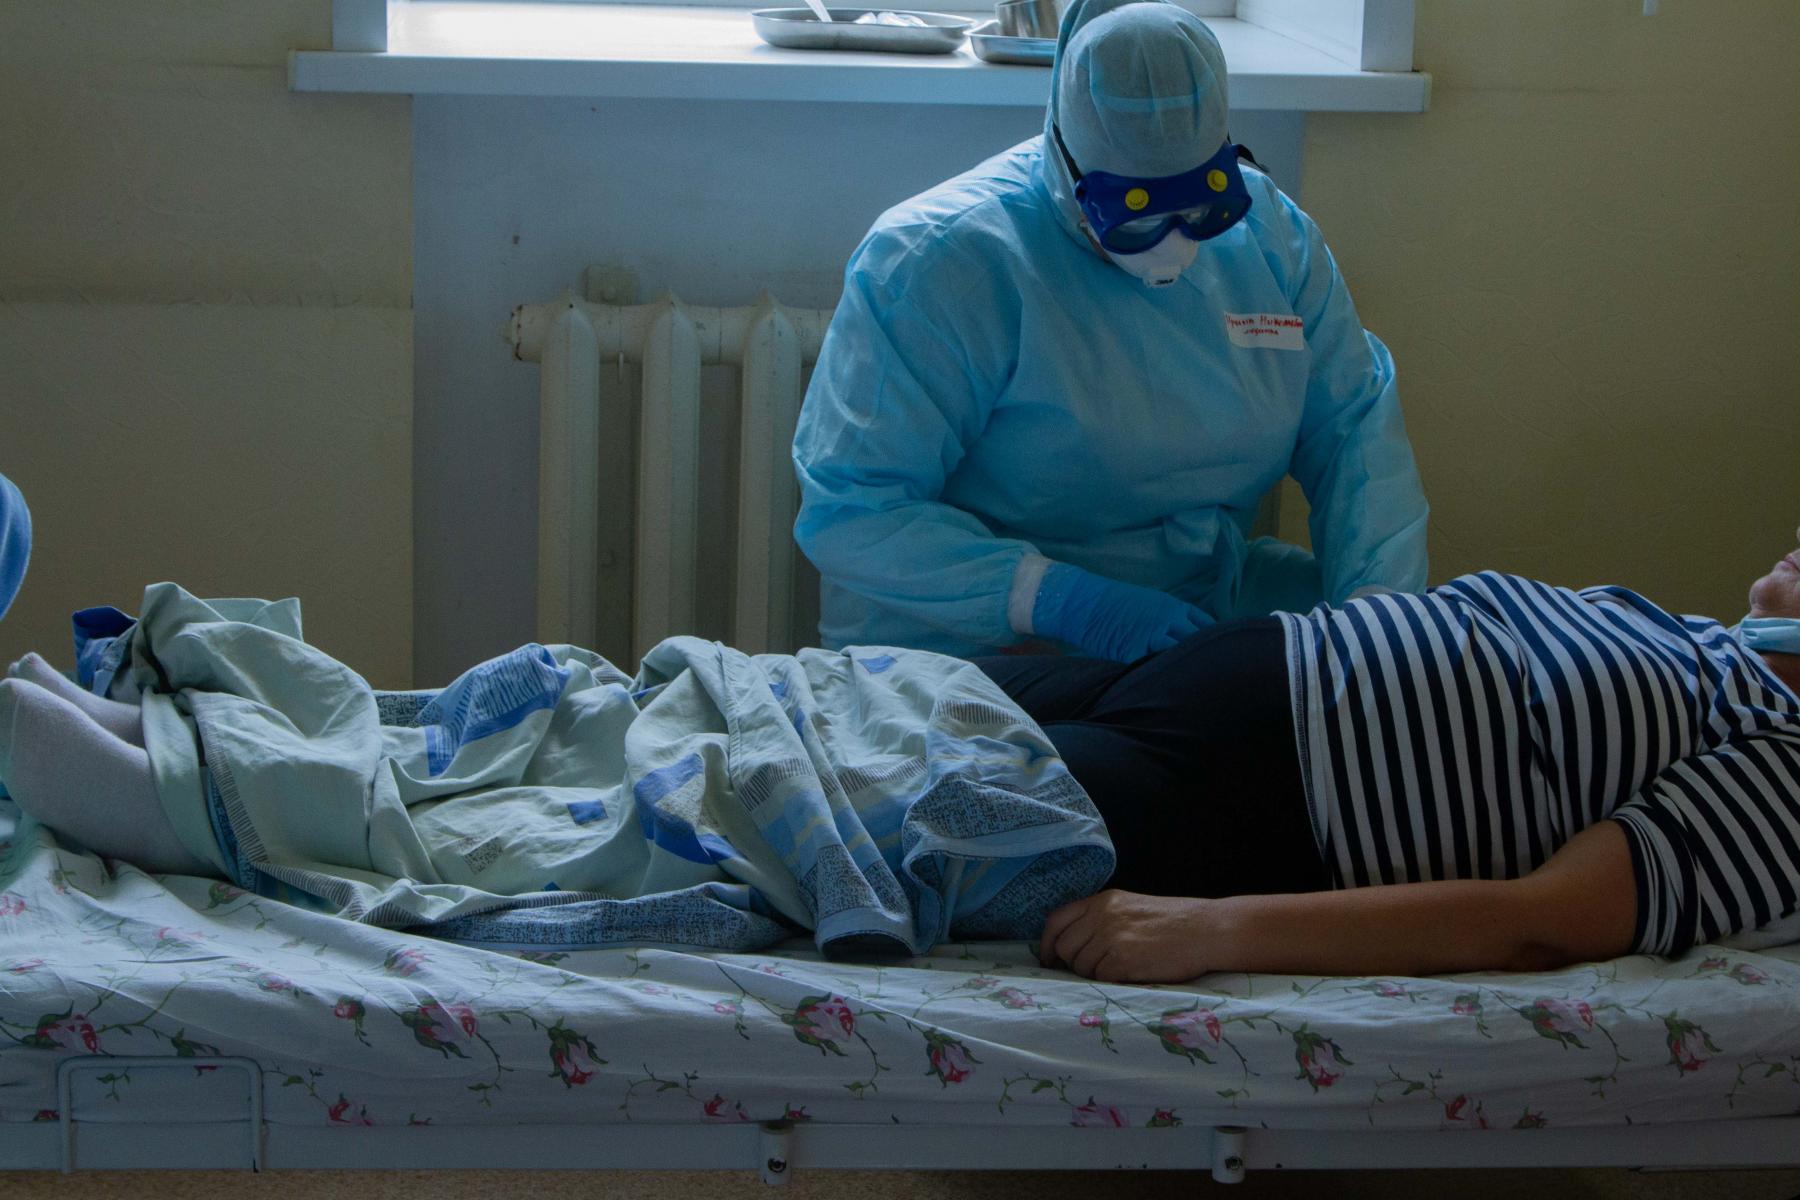 Фото Дышат с помощью аппарата: ещё 4 человек с коронавирусом за сутки подключили к ИВЛ в Новосибирске 2